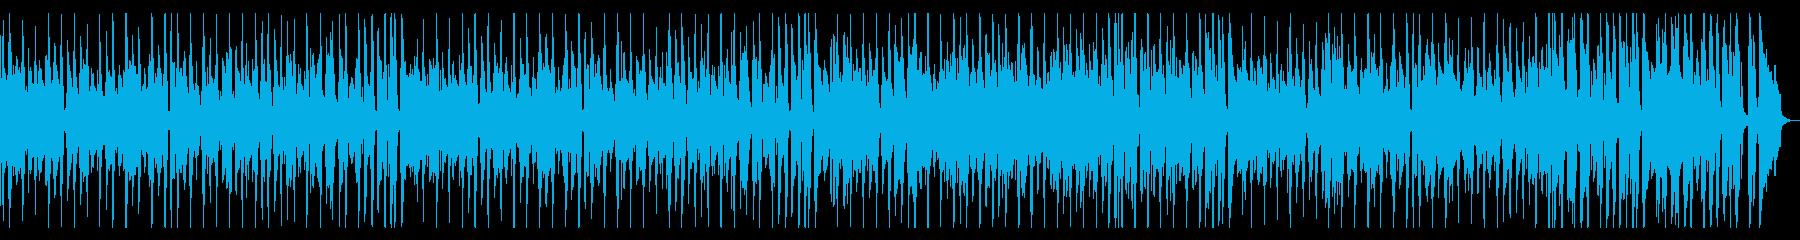 カフェムードなコミカルフレンチギターの再生済みの波形